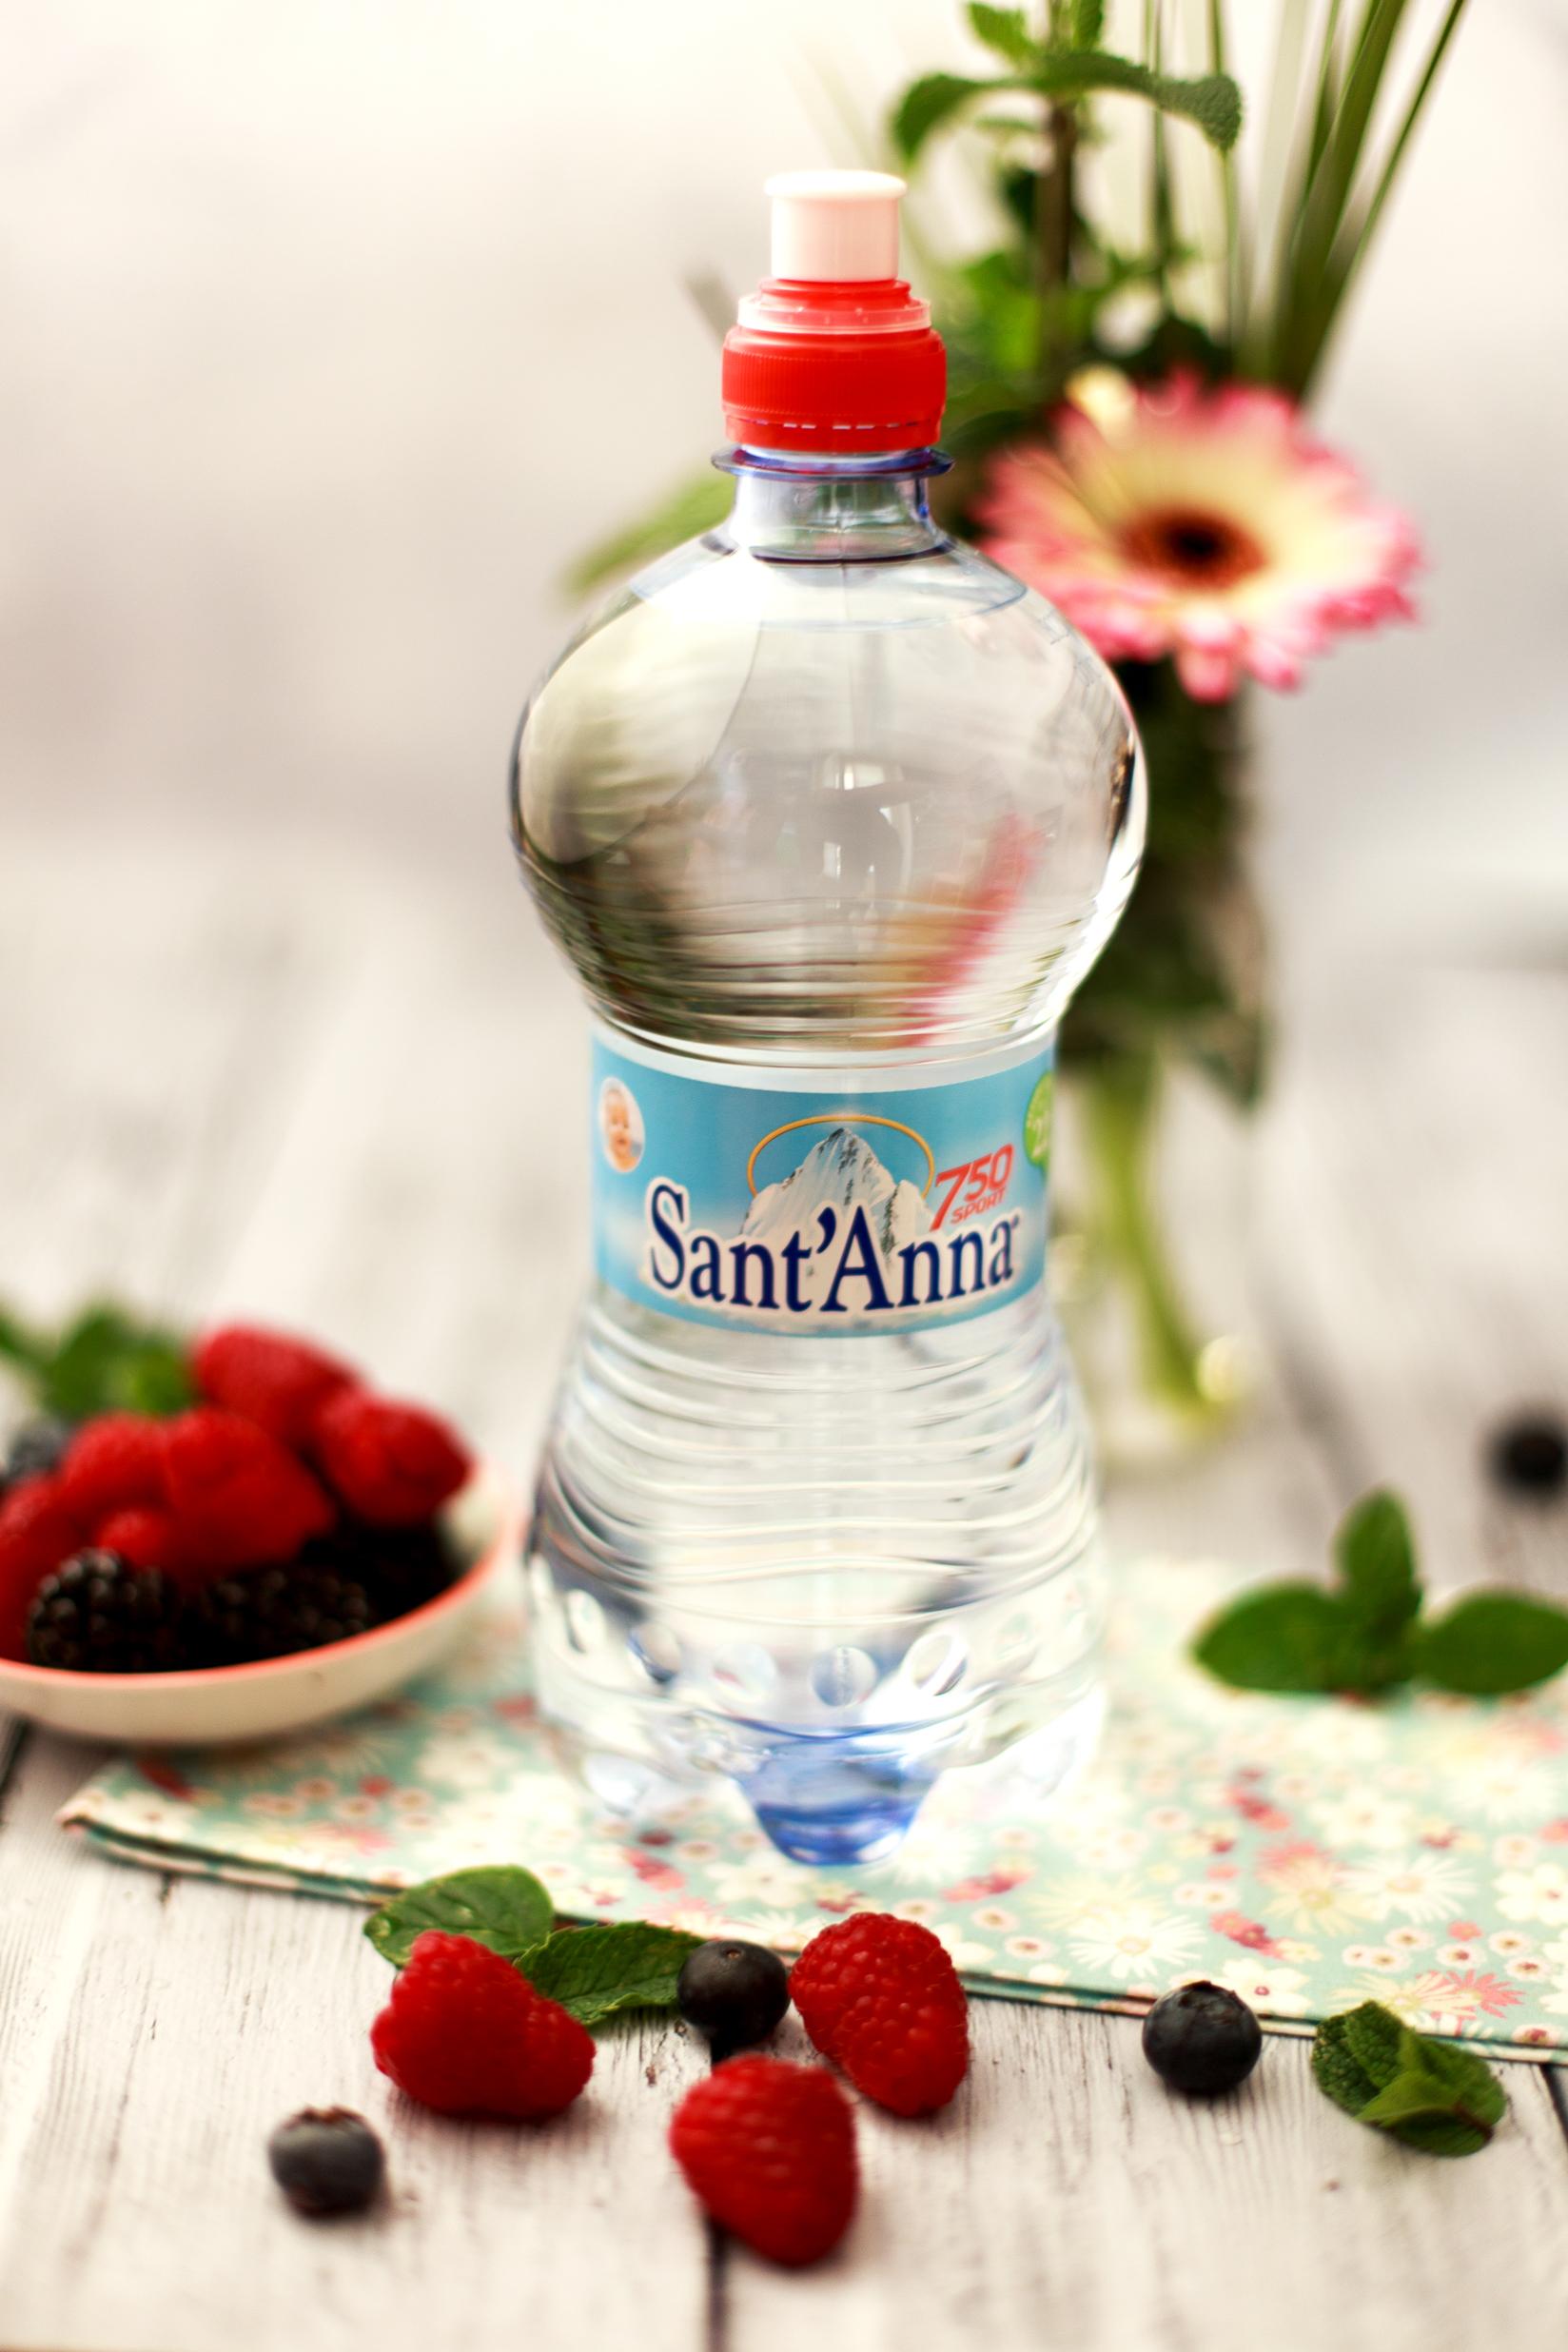 Acqua Sant'Anna aromatizzata alla frutta fresca